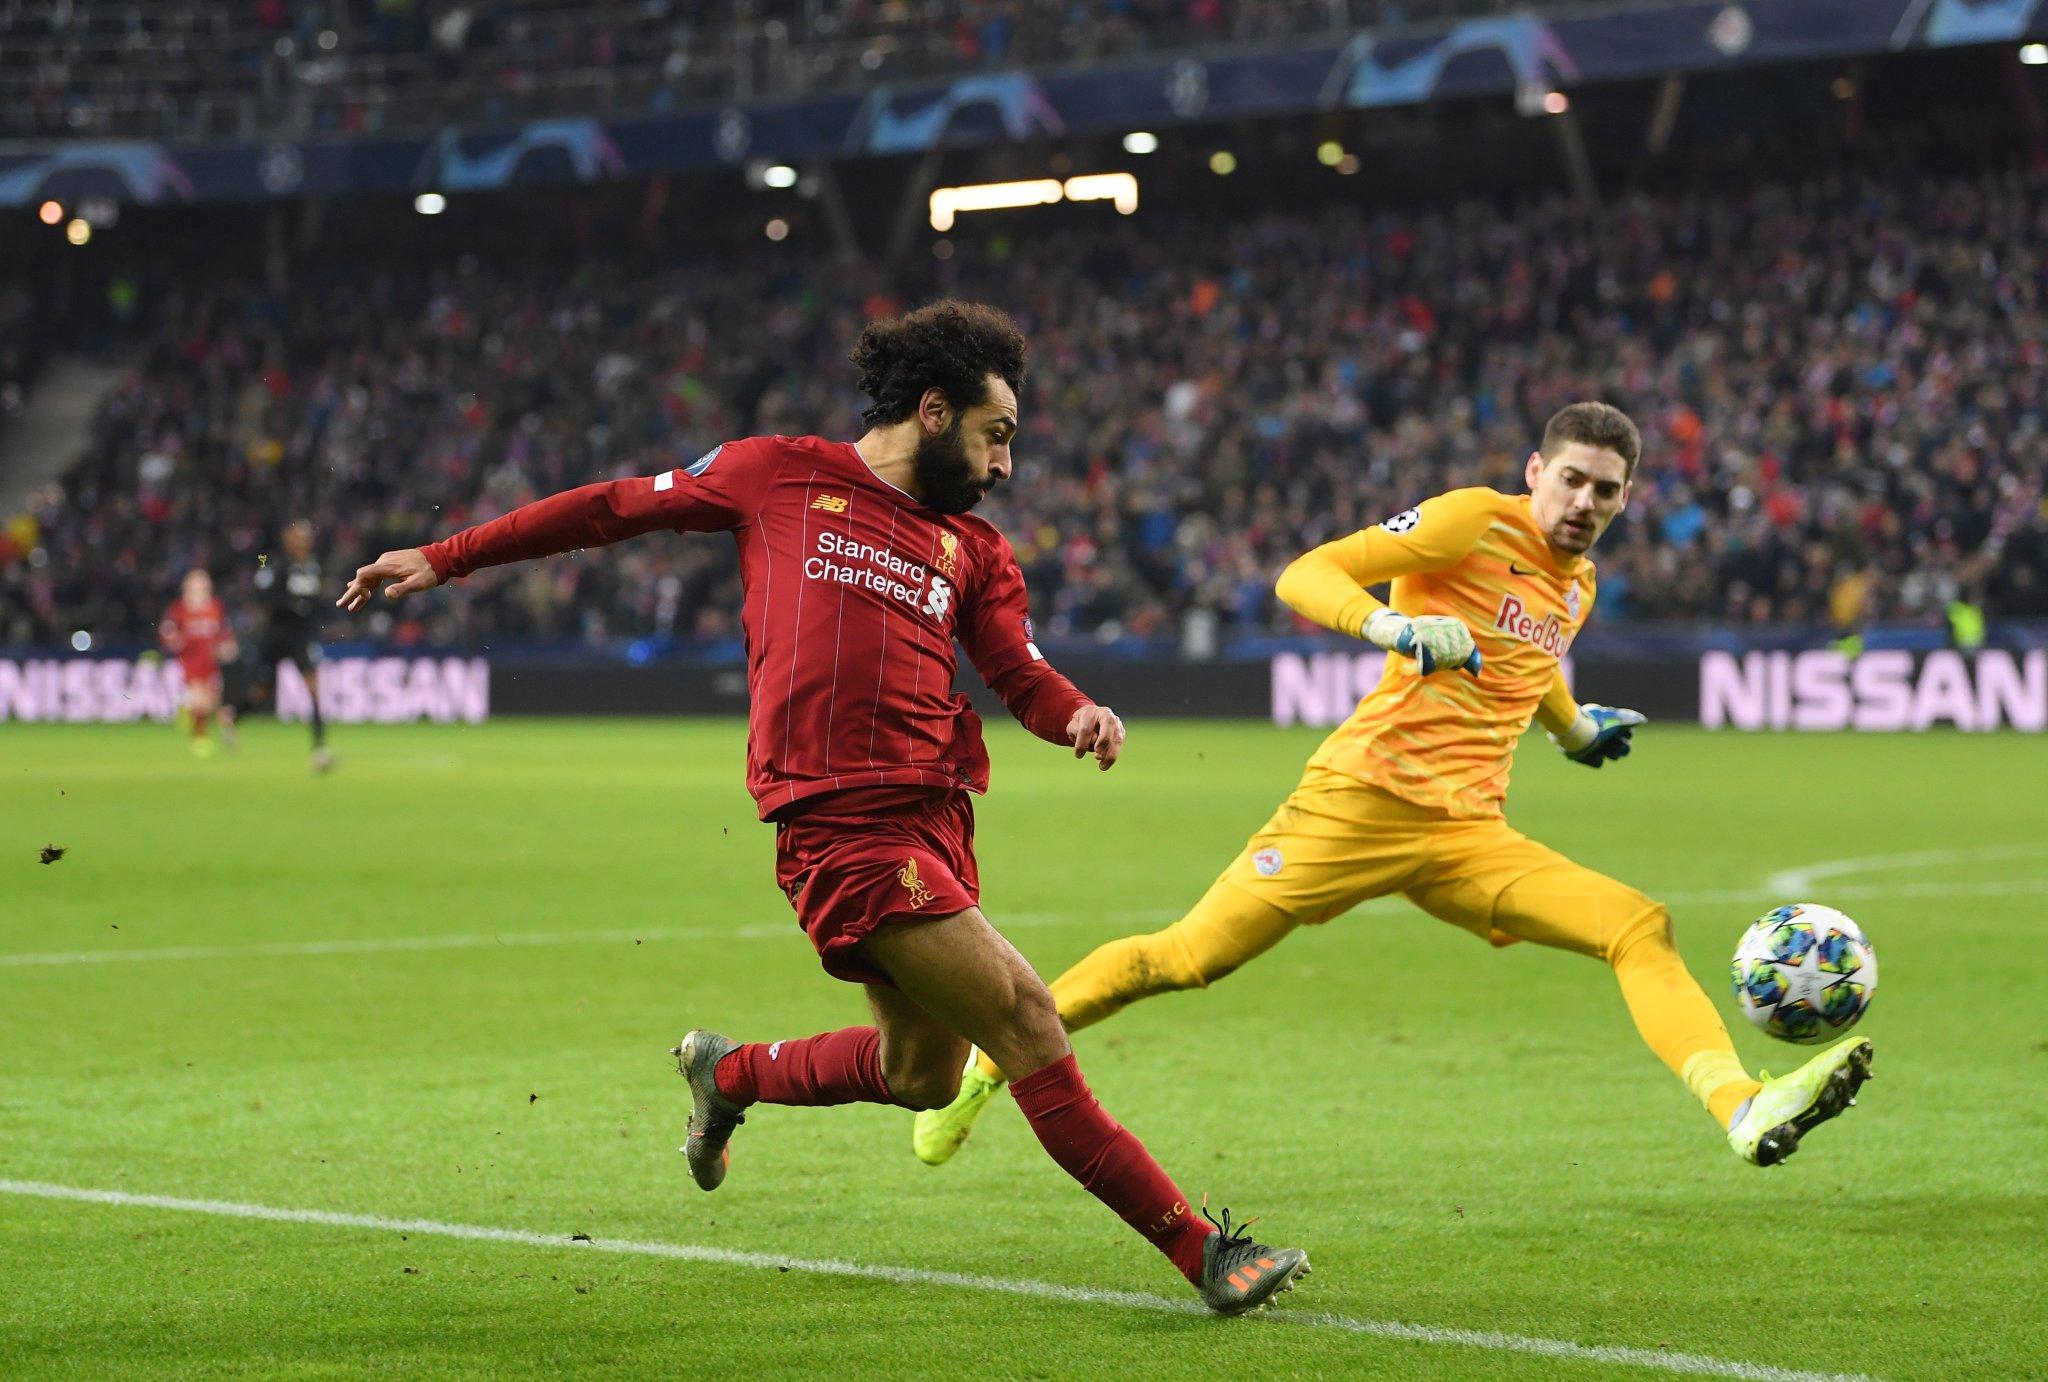 ليفربول يفوز على ريد بول سالزبورغ ويحسم تأهله الى دور الـ16 في دوري الابطال